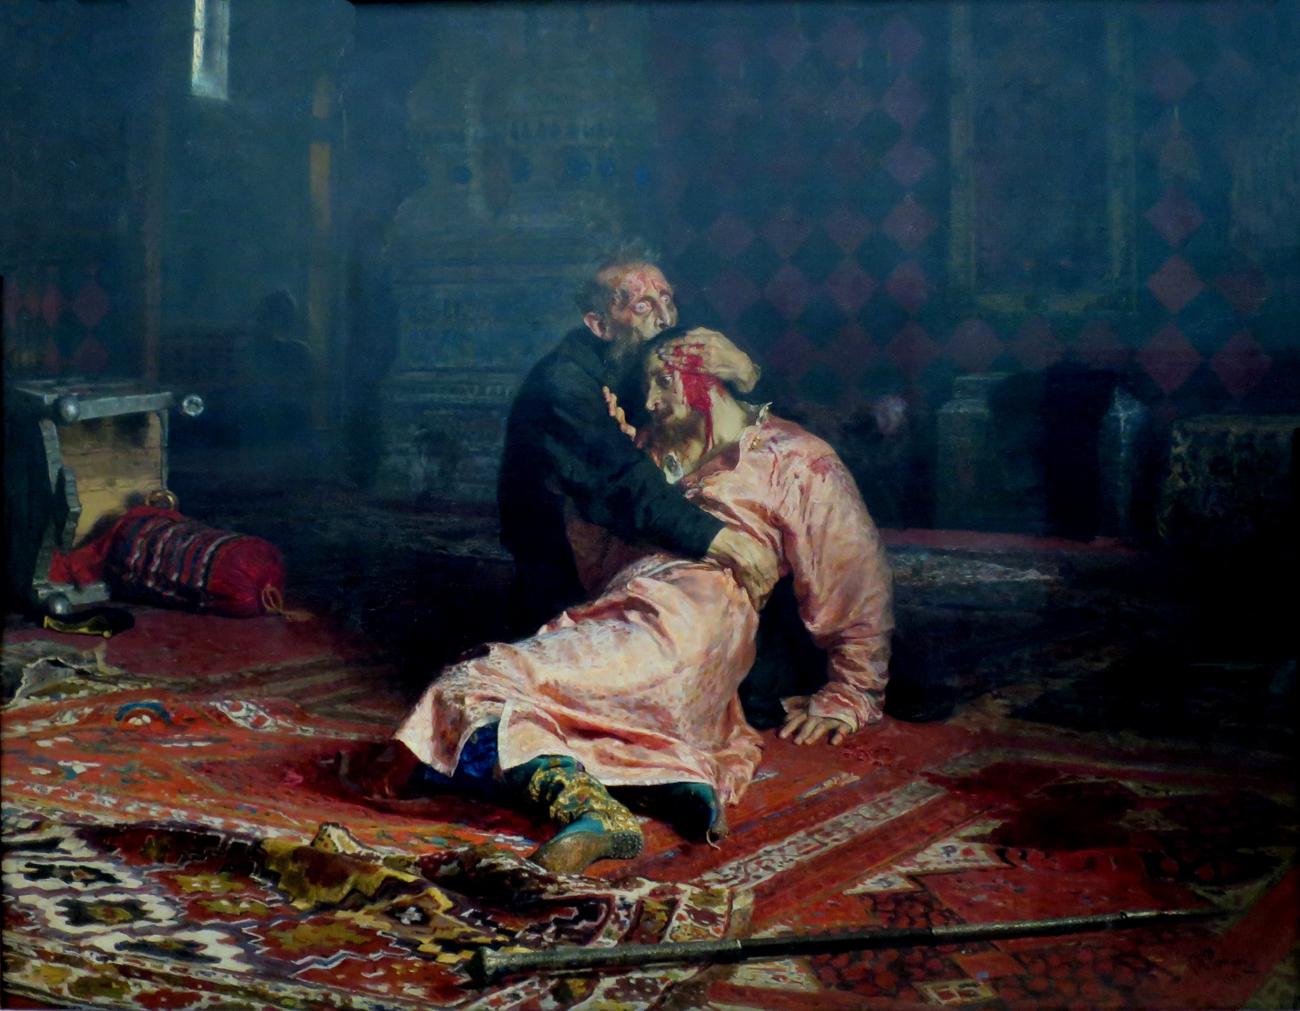 """""""Iwan der Schreckliche und sein Sohn Iwan"""" von Ilja Repin. Bild: Ilja Repin / wikipedia.org"""